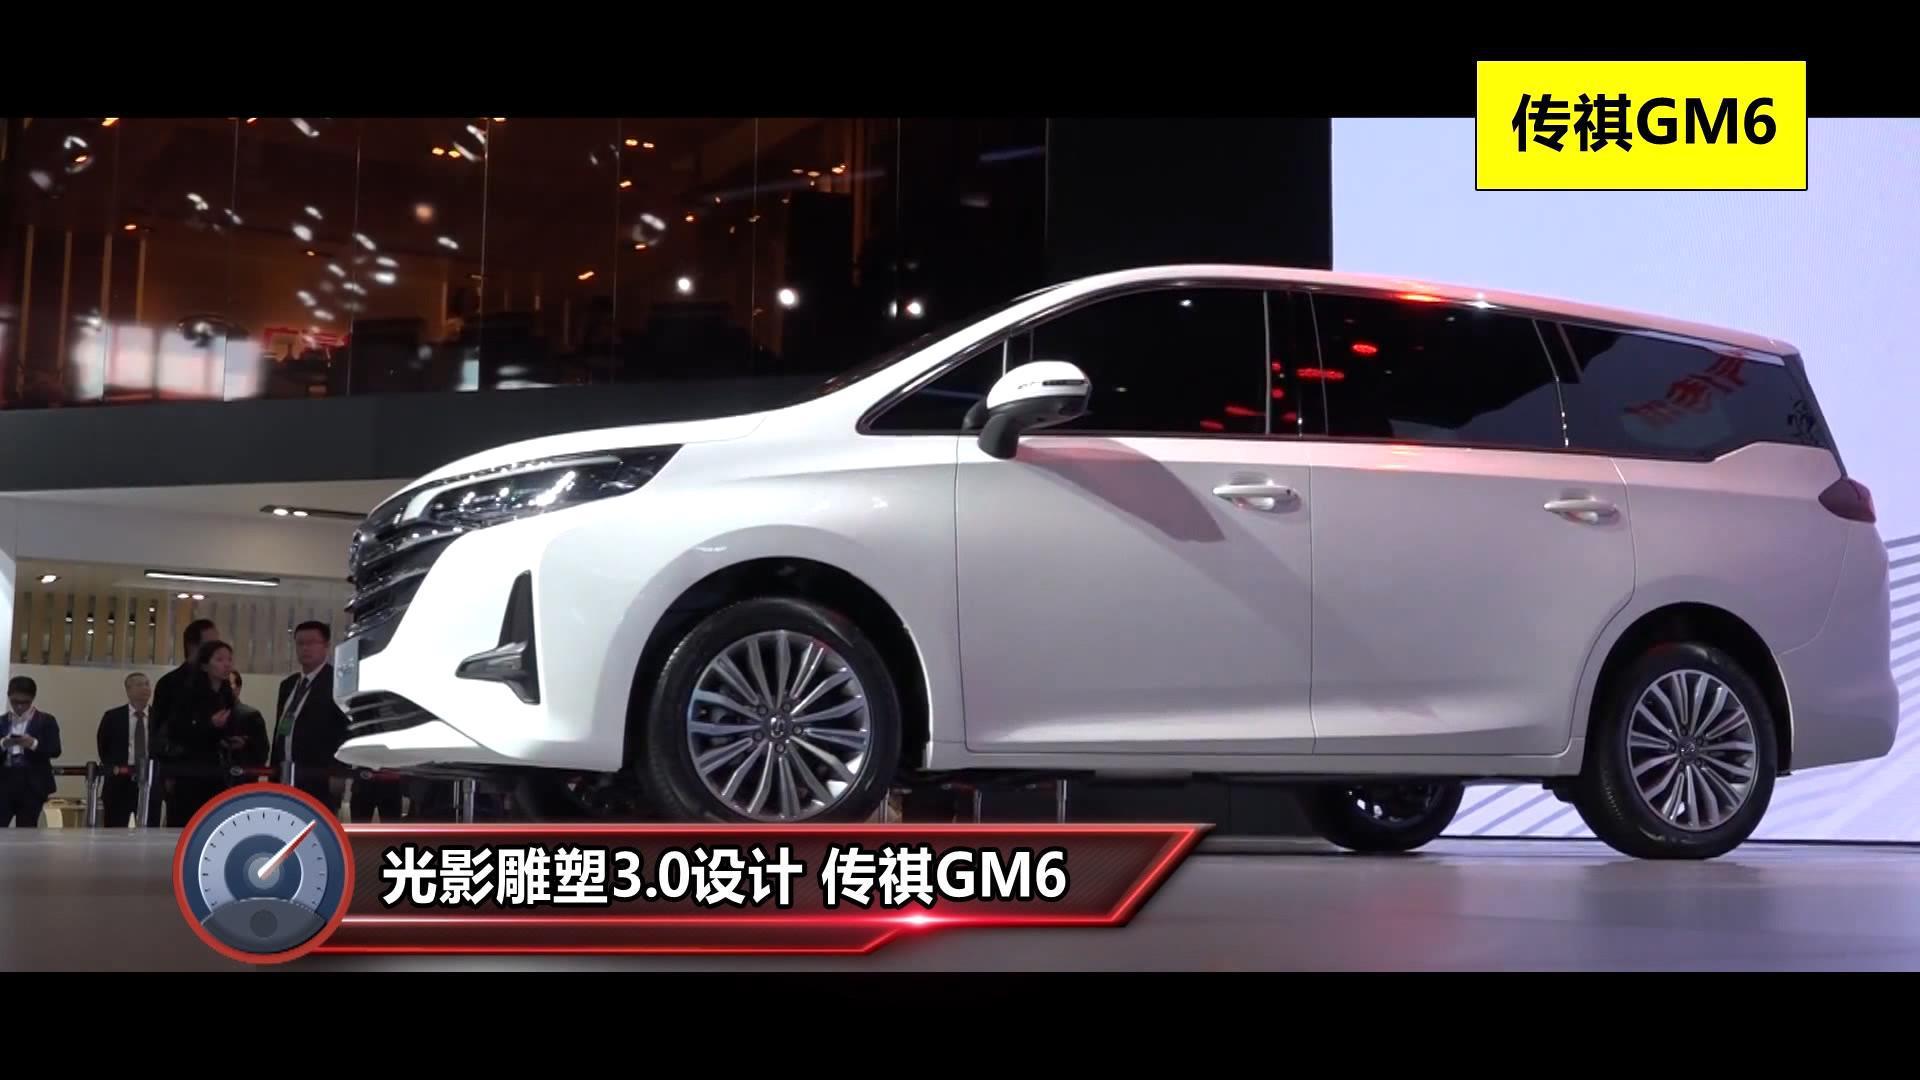 视频:对标别克GL6 广汽传祺GM6怎么样?